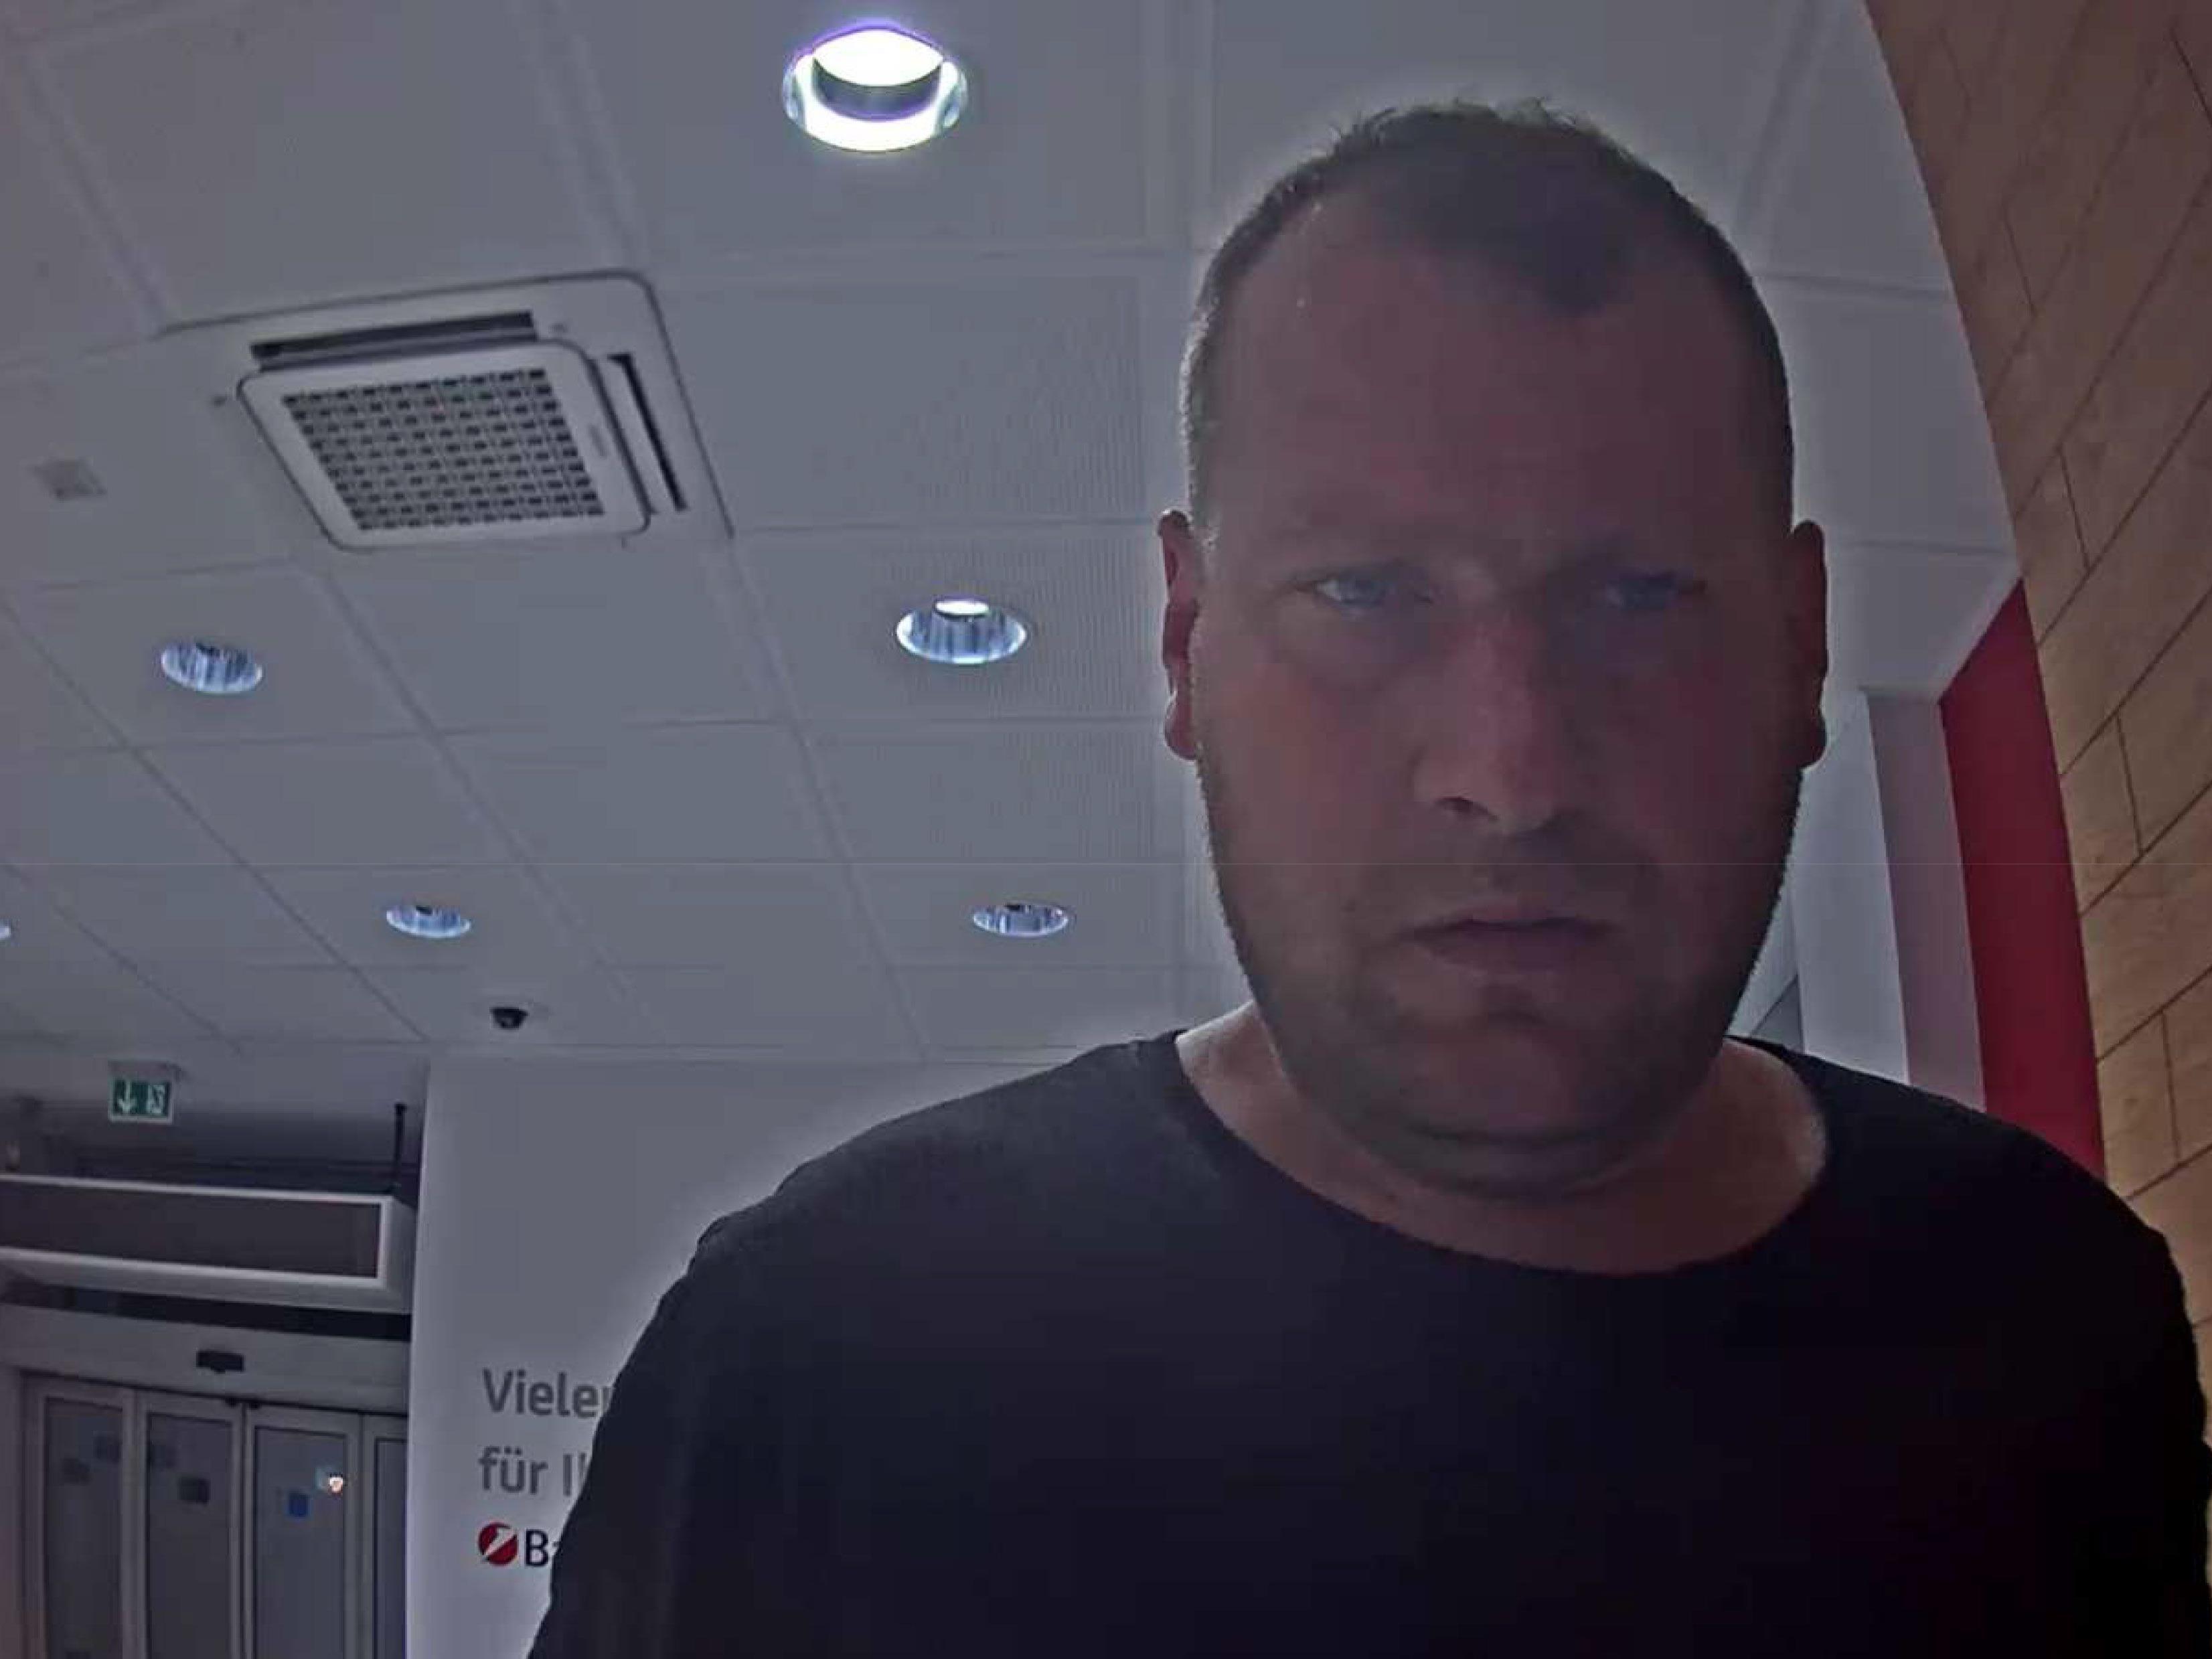 Die Polizei fahndet nach einem Mann, der in einen Kindergarten in Mödling eingebrochen haben soll.